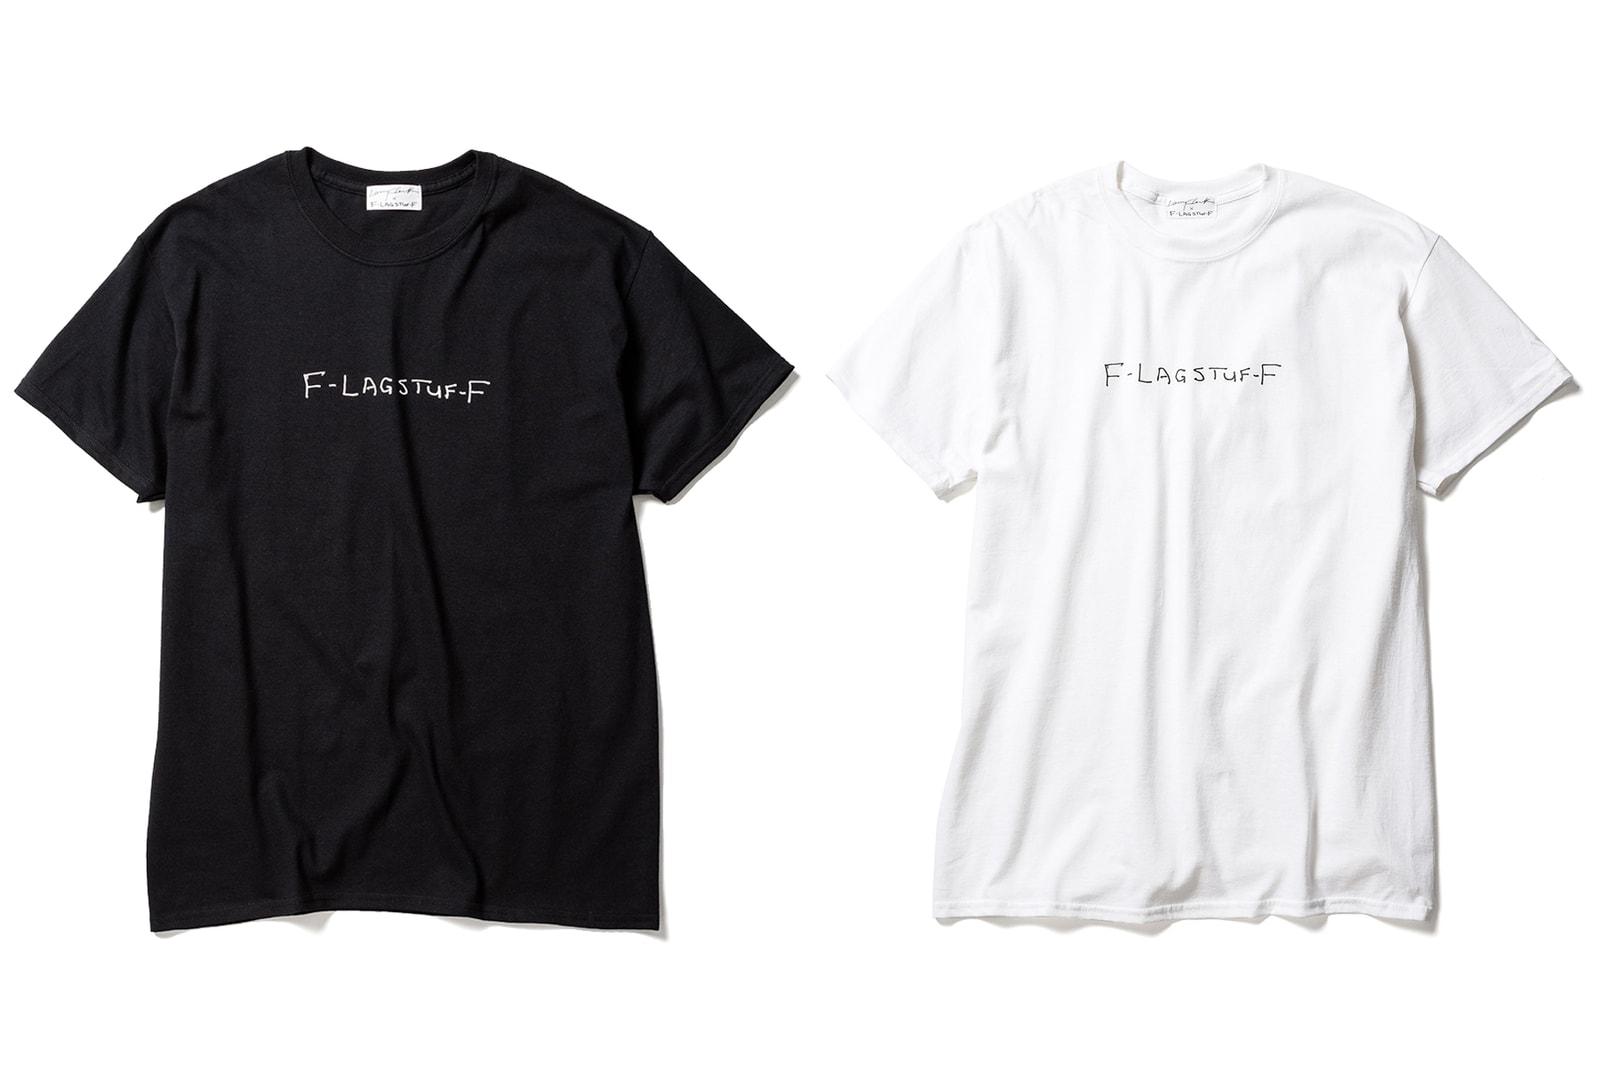 F-LAGSTUF-F フラグスタフ larry clark ラリー・クラーク コラボ アイテム